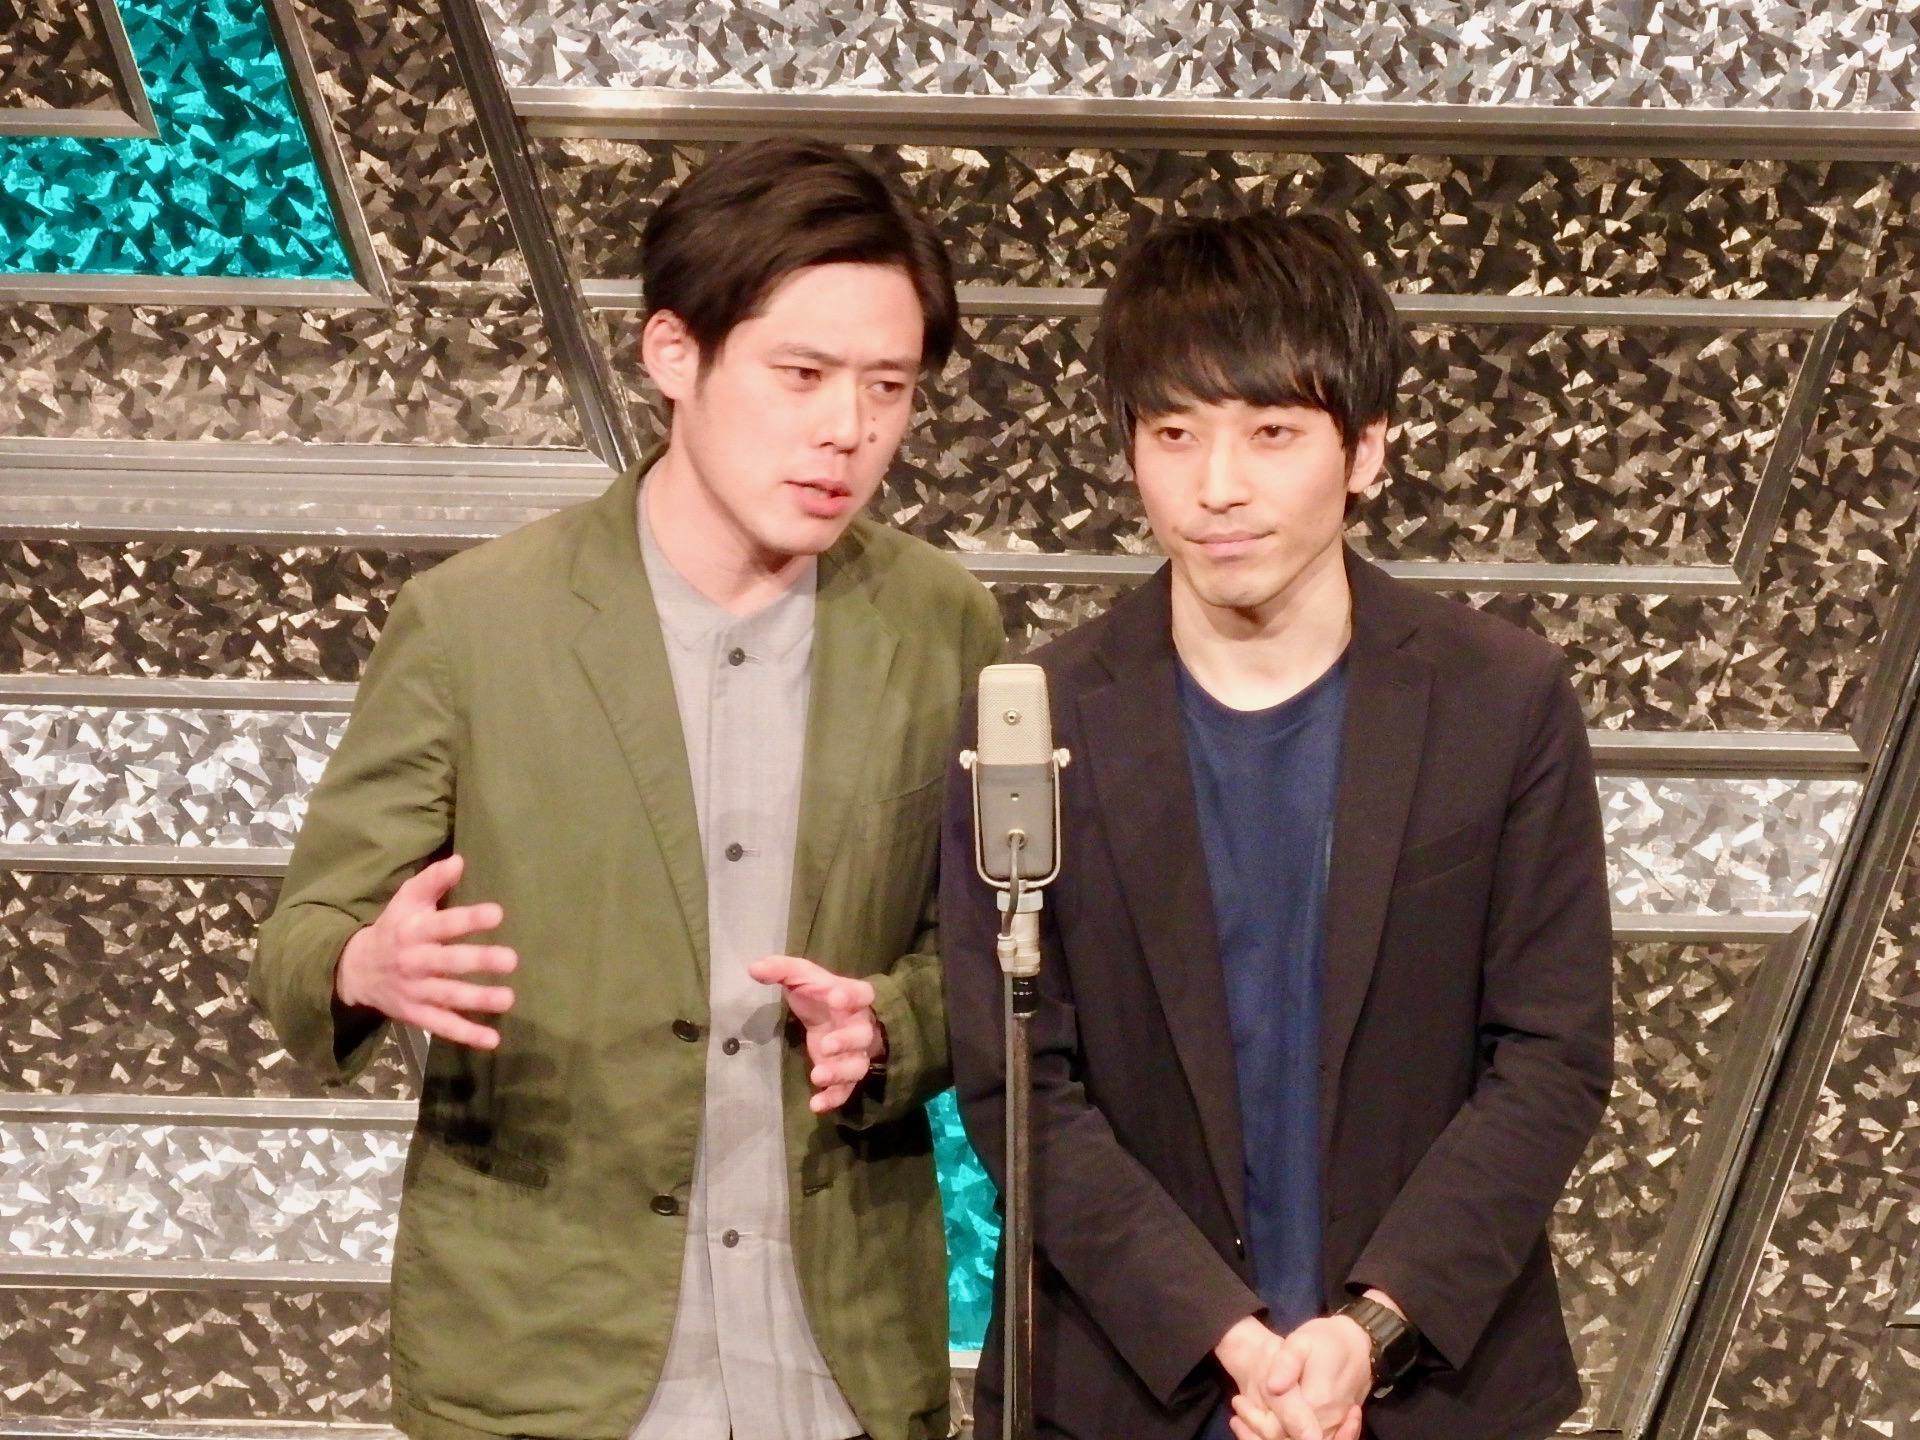 http://news.yoshimoto.co.jp/20180312201601-15c134826cb75c9513f990ca8b99b24e6715ef4e.jpg